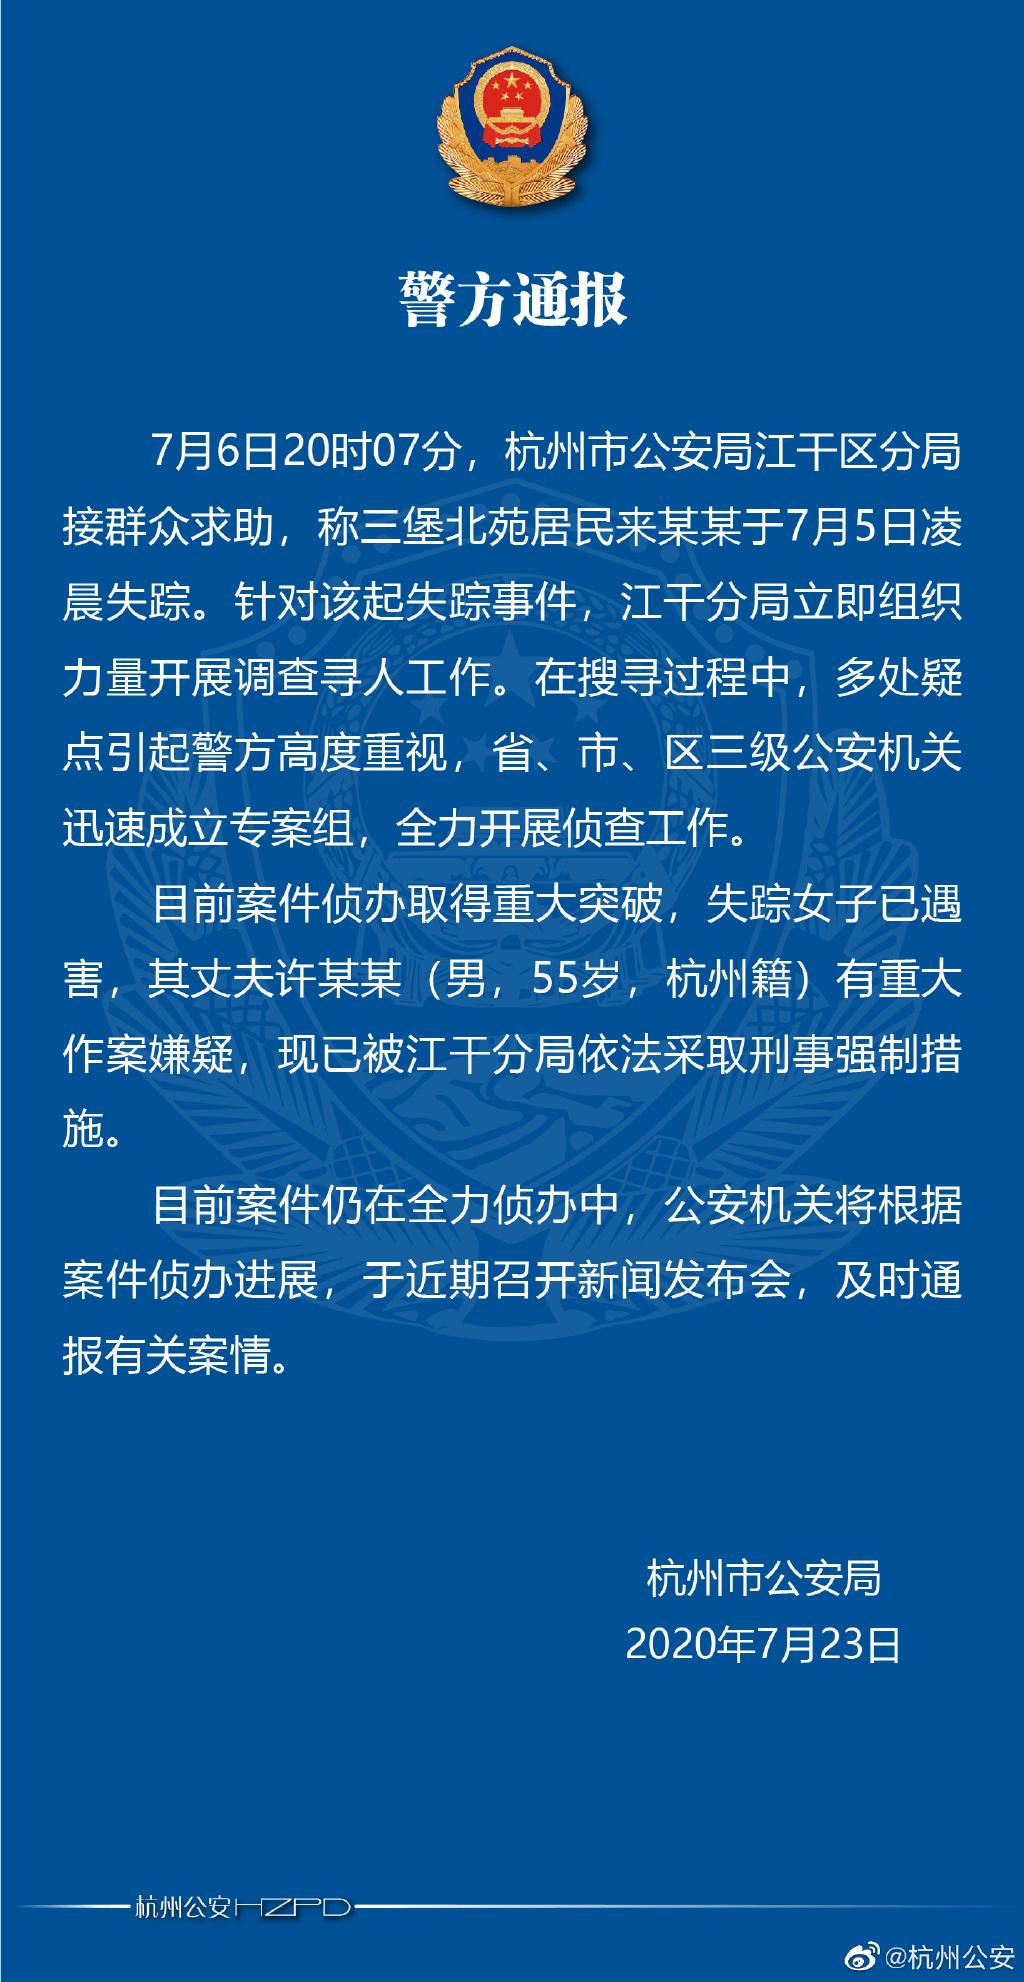 杭州离奇失踪女子遇害 丈夫被采取强制措施